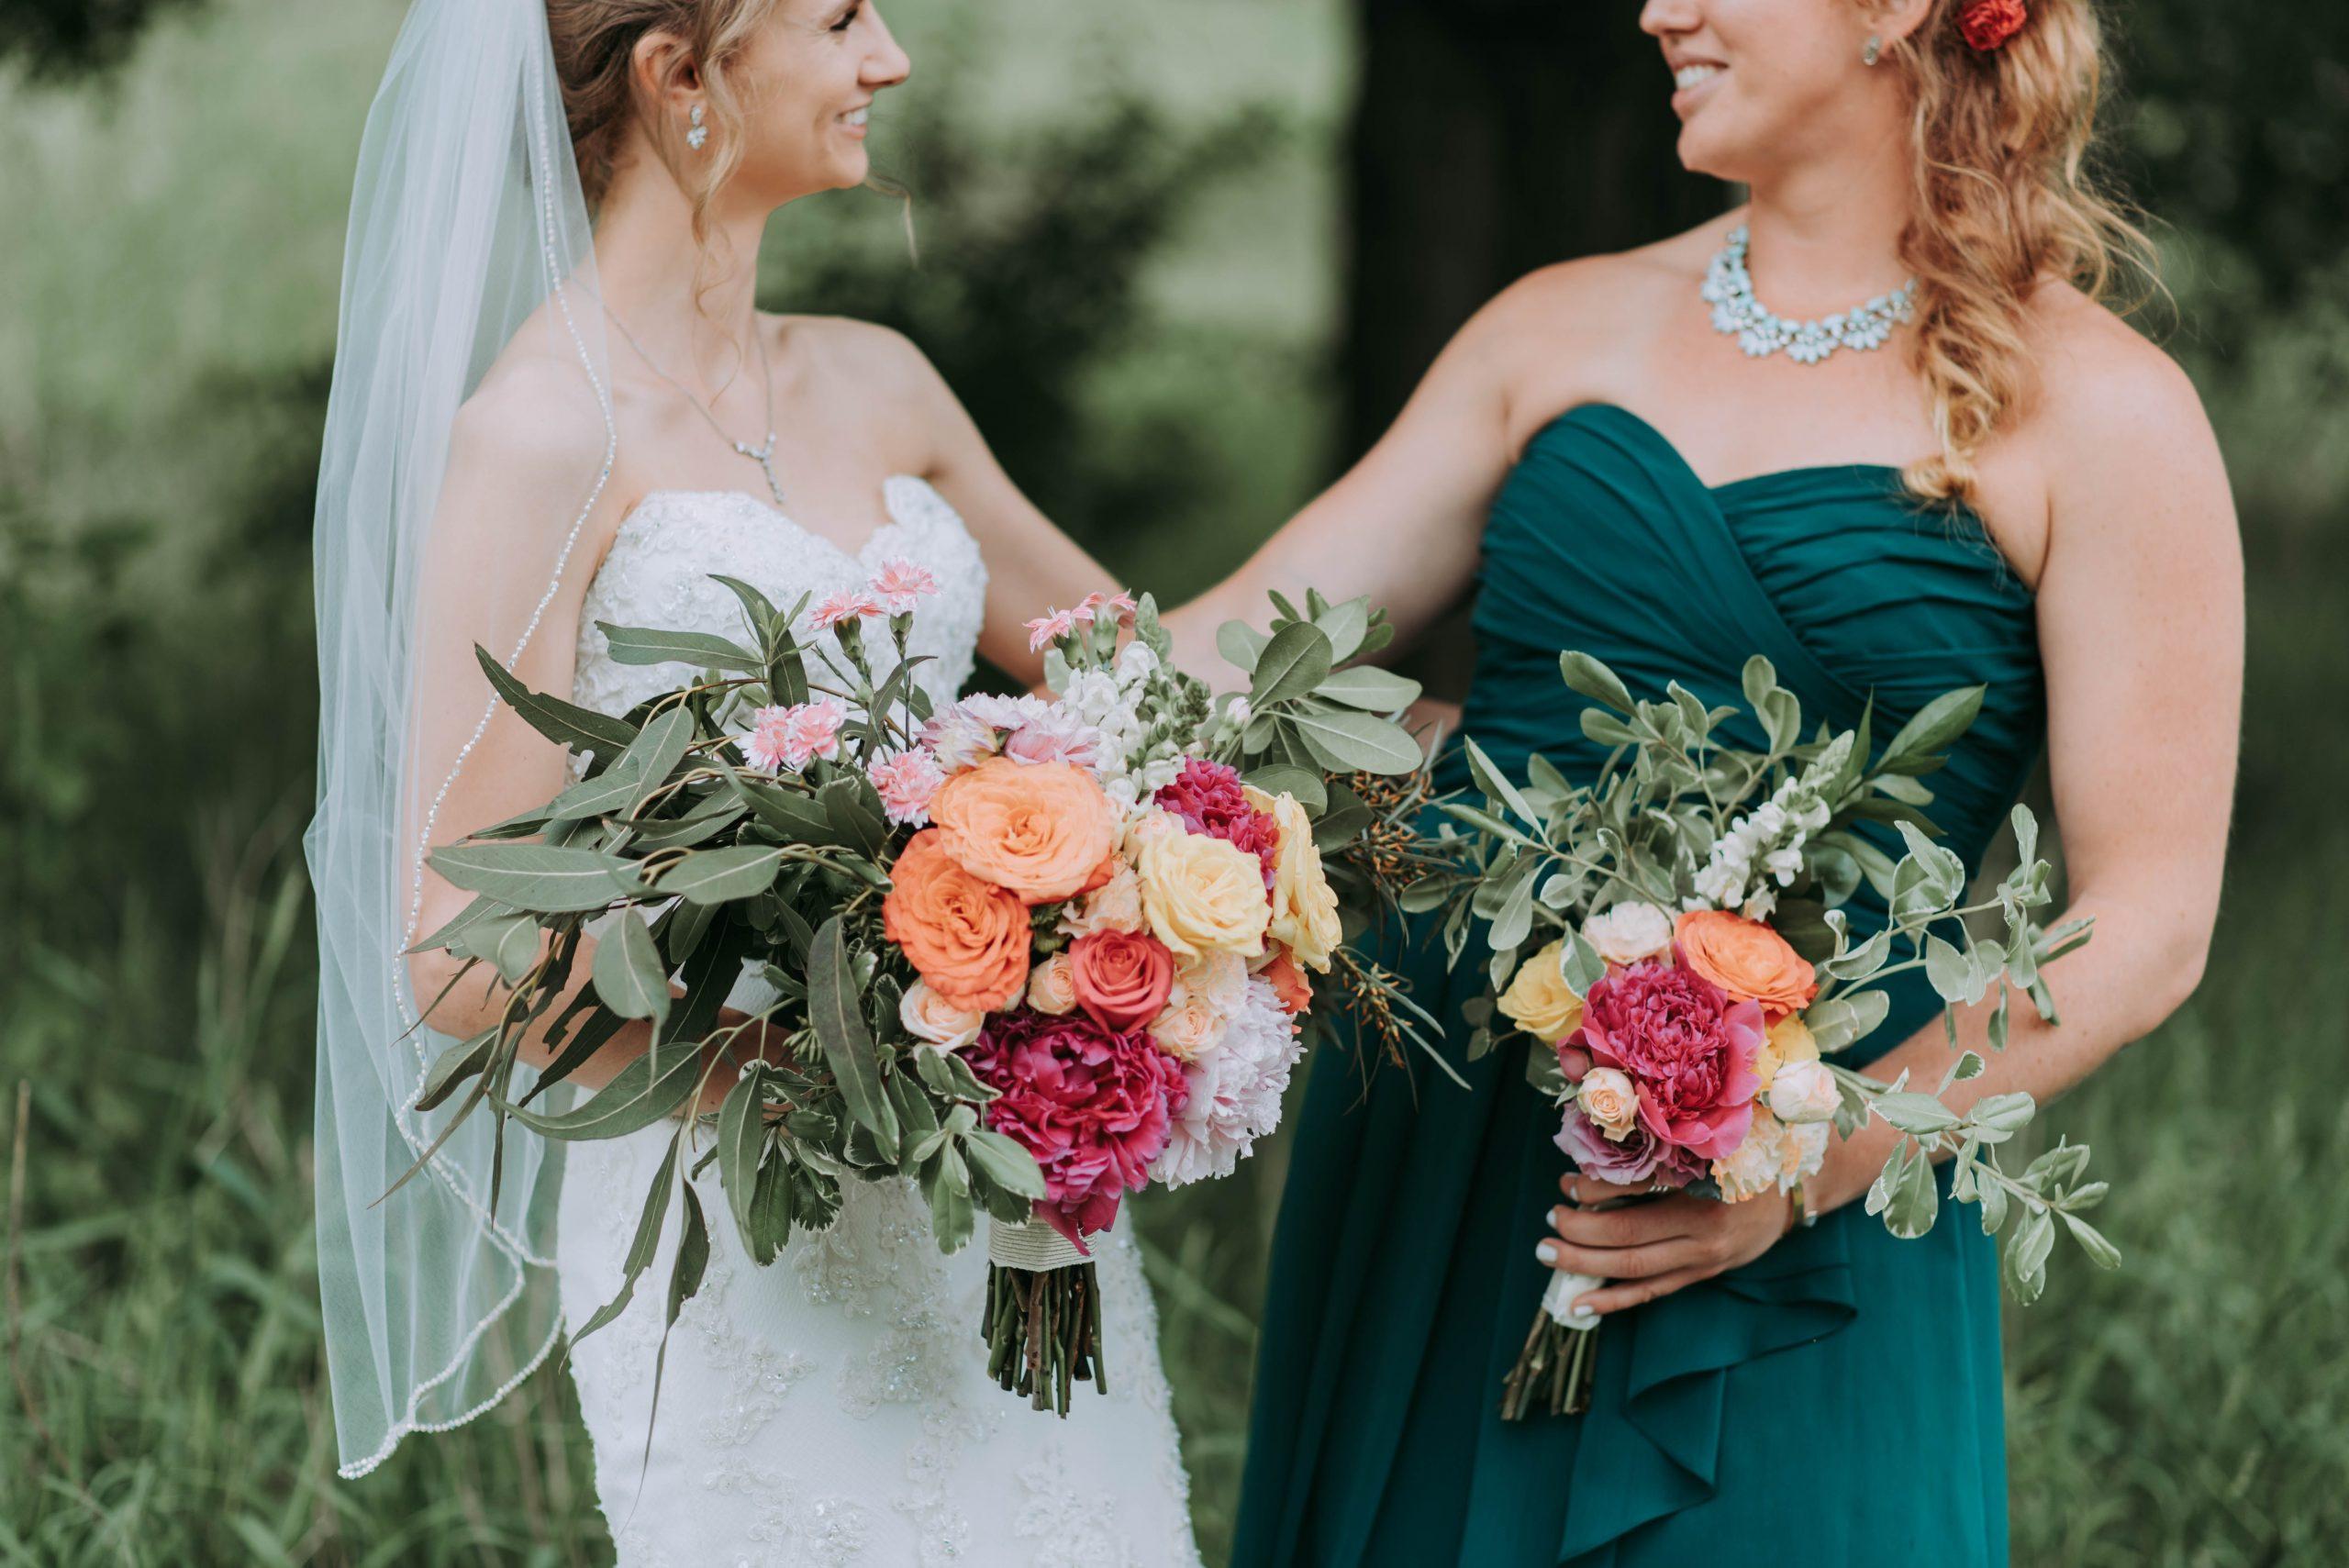 100 Ideen, Eure Hochzeitsfarben Aufzugreifen - Soon To Be Bride